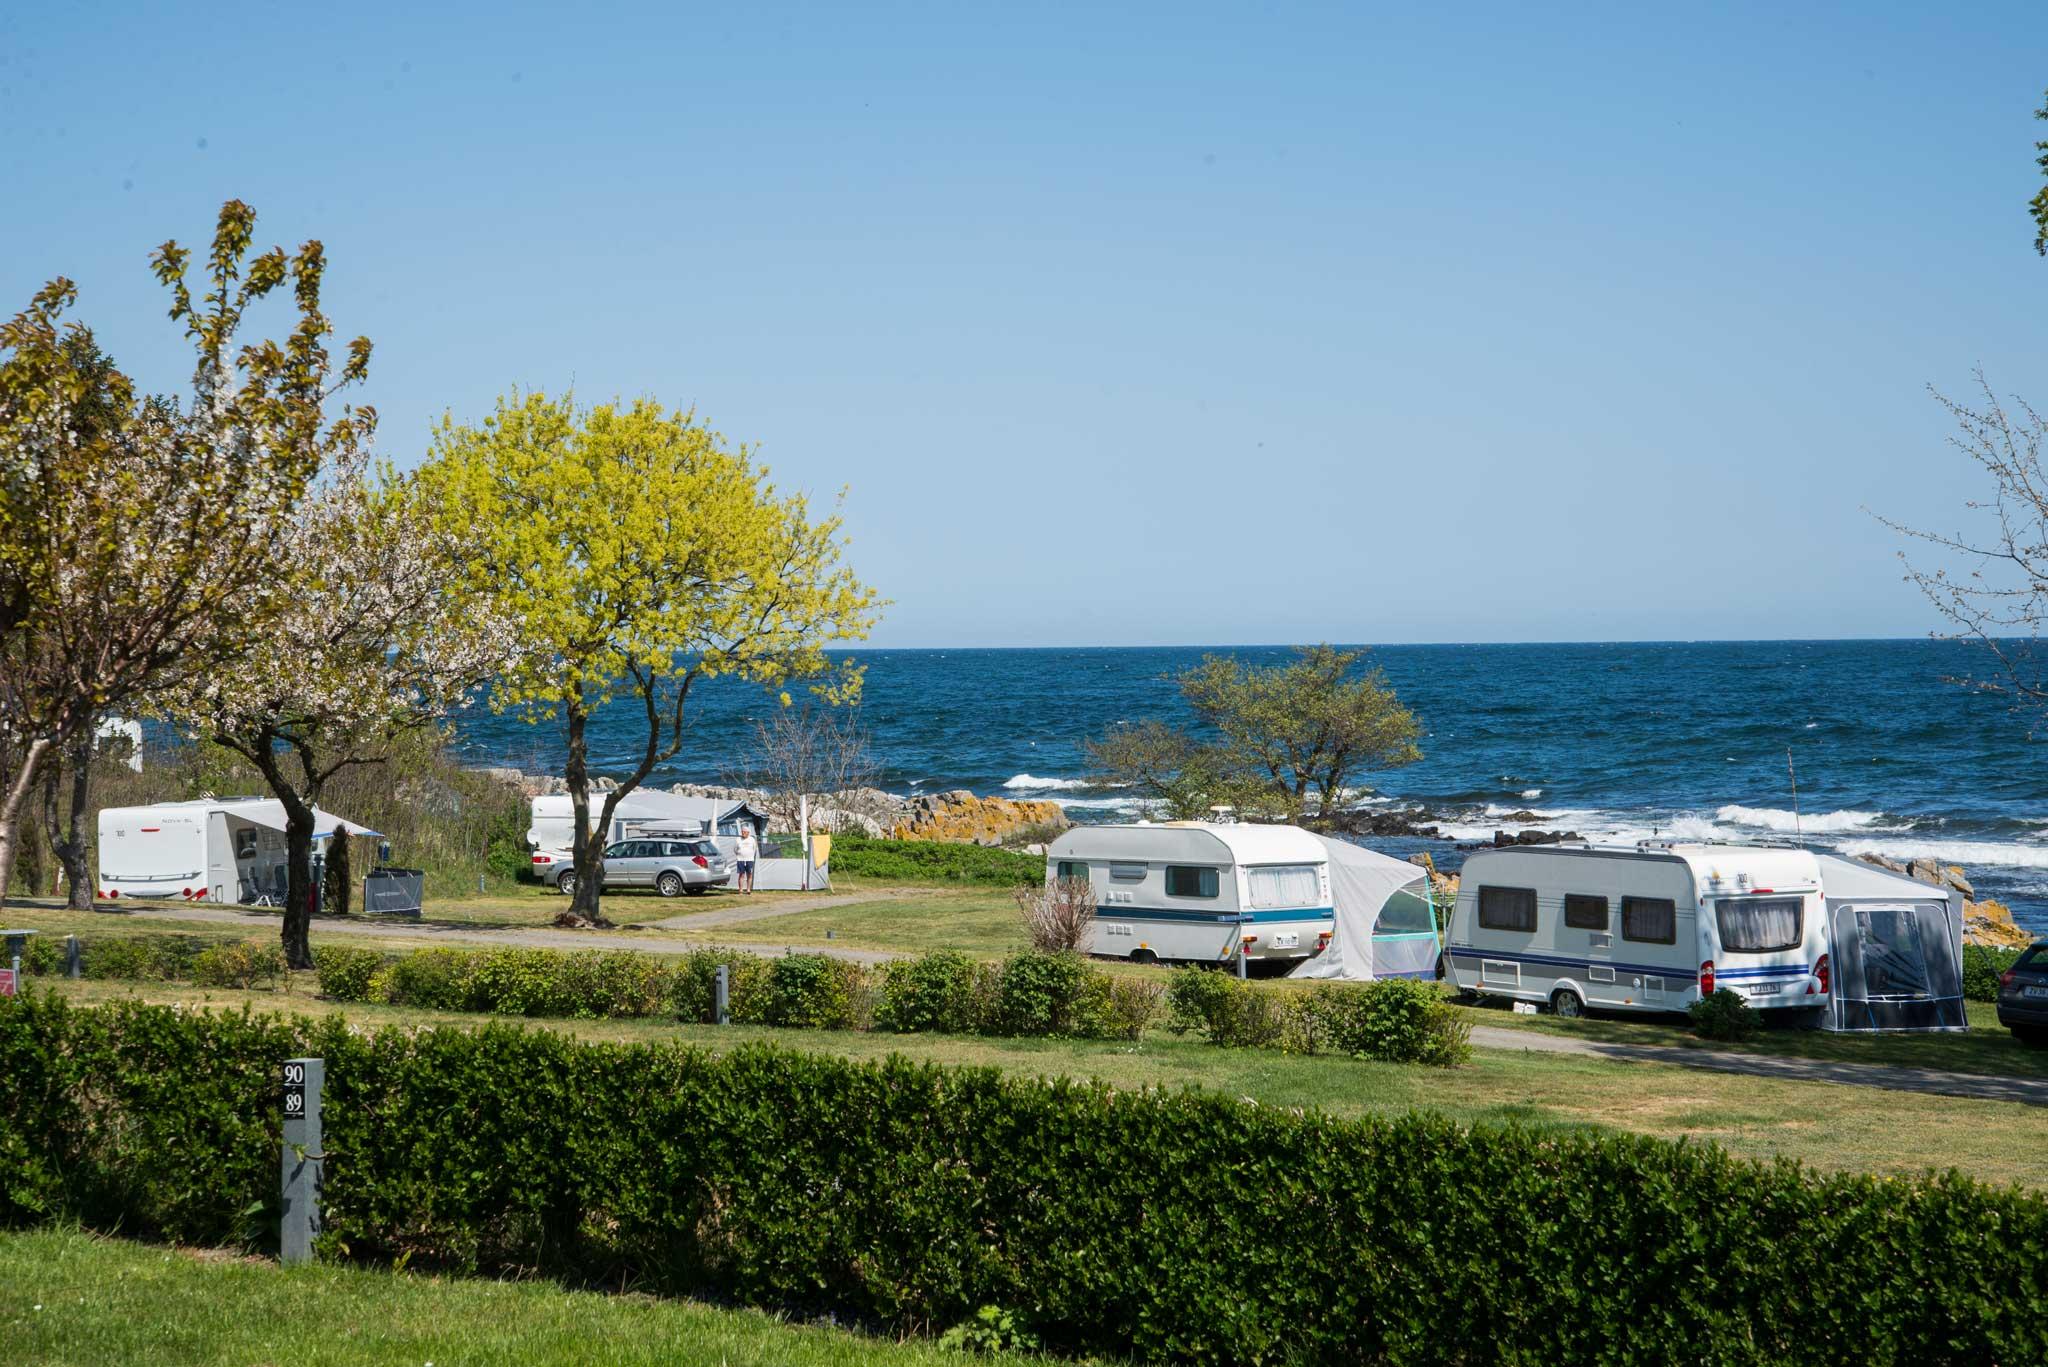 Det er mange campingplasser på Bornholm. De fleste ligger idyllisk til ned mot vannet.